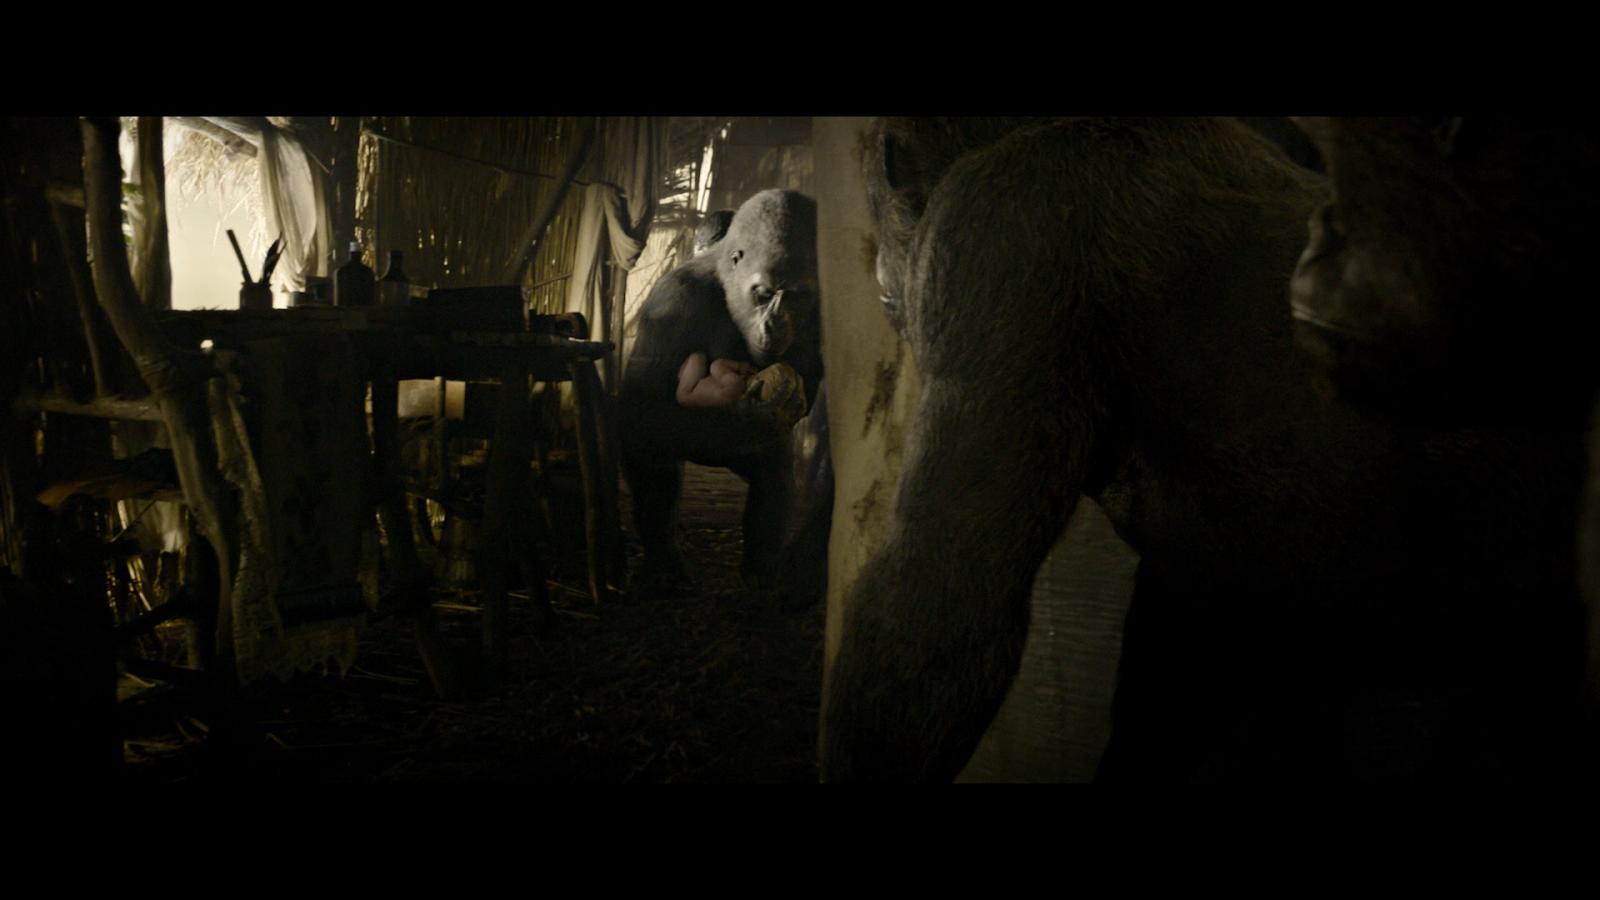 La Leyenda De Tarzan (2016) 1080p BD25 2